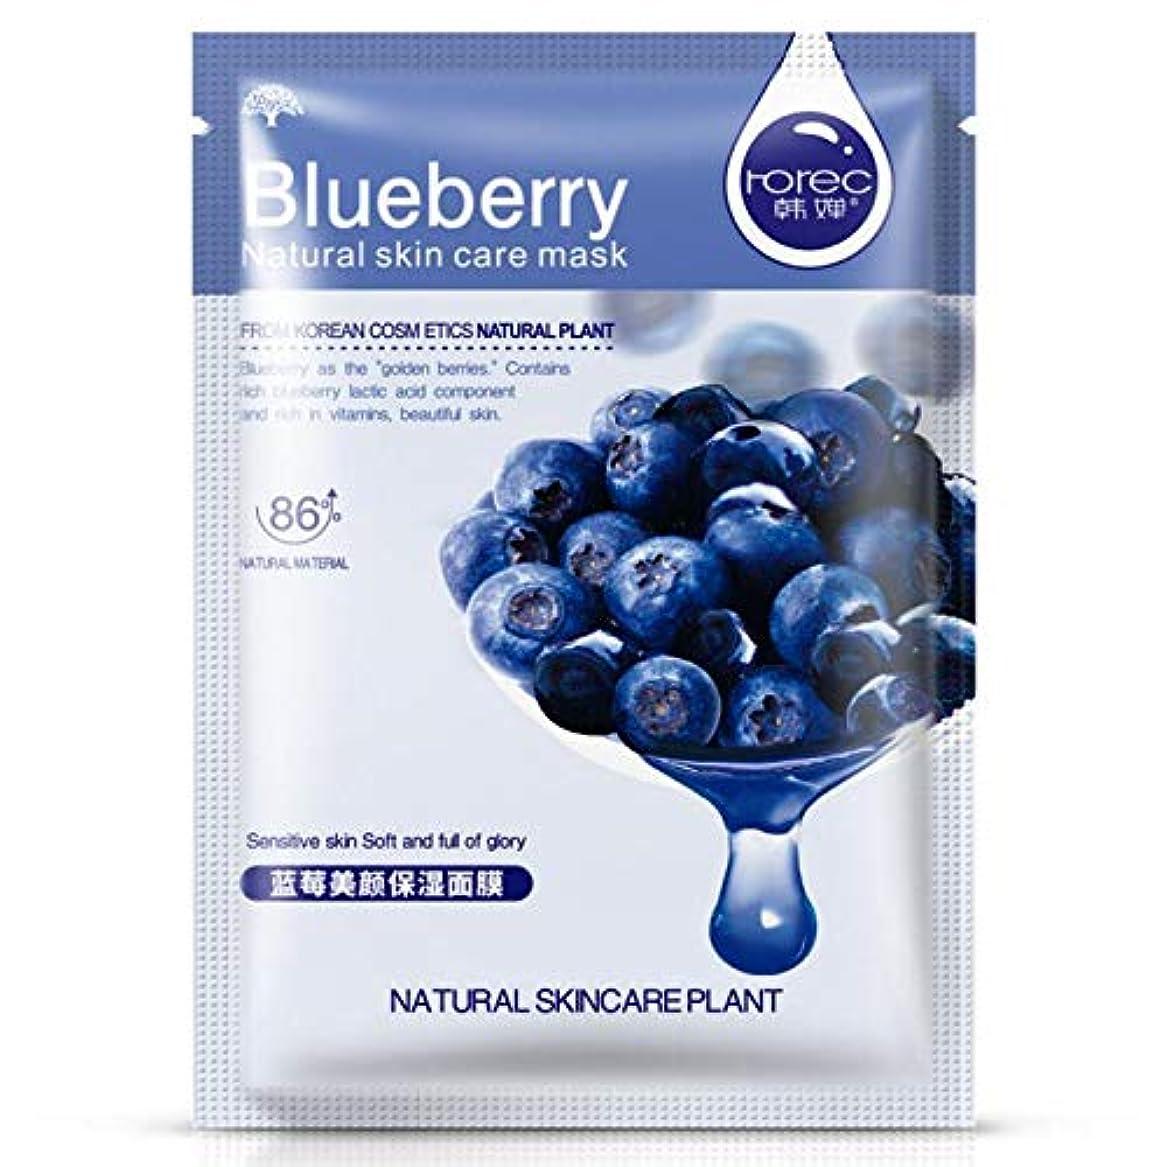 一致超えるデータム(Blueberry) Skin Care Plant Facial Mask Moisturizing Oil Control Blackhead Remover Wrapped Mask Face Mask Face...